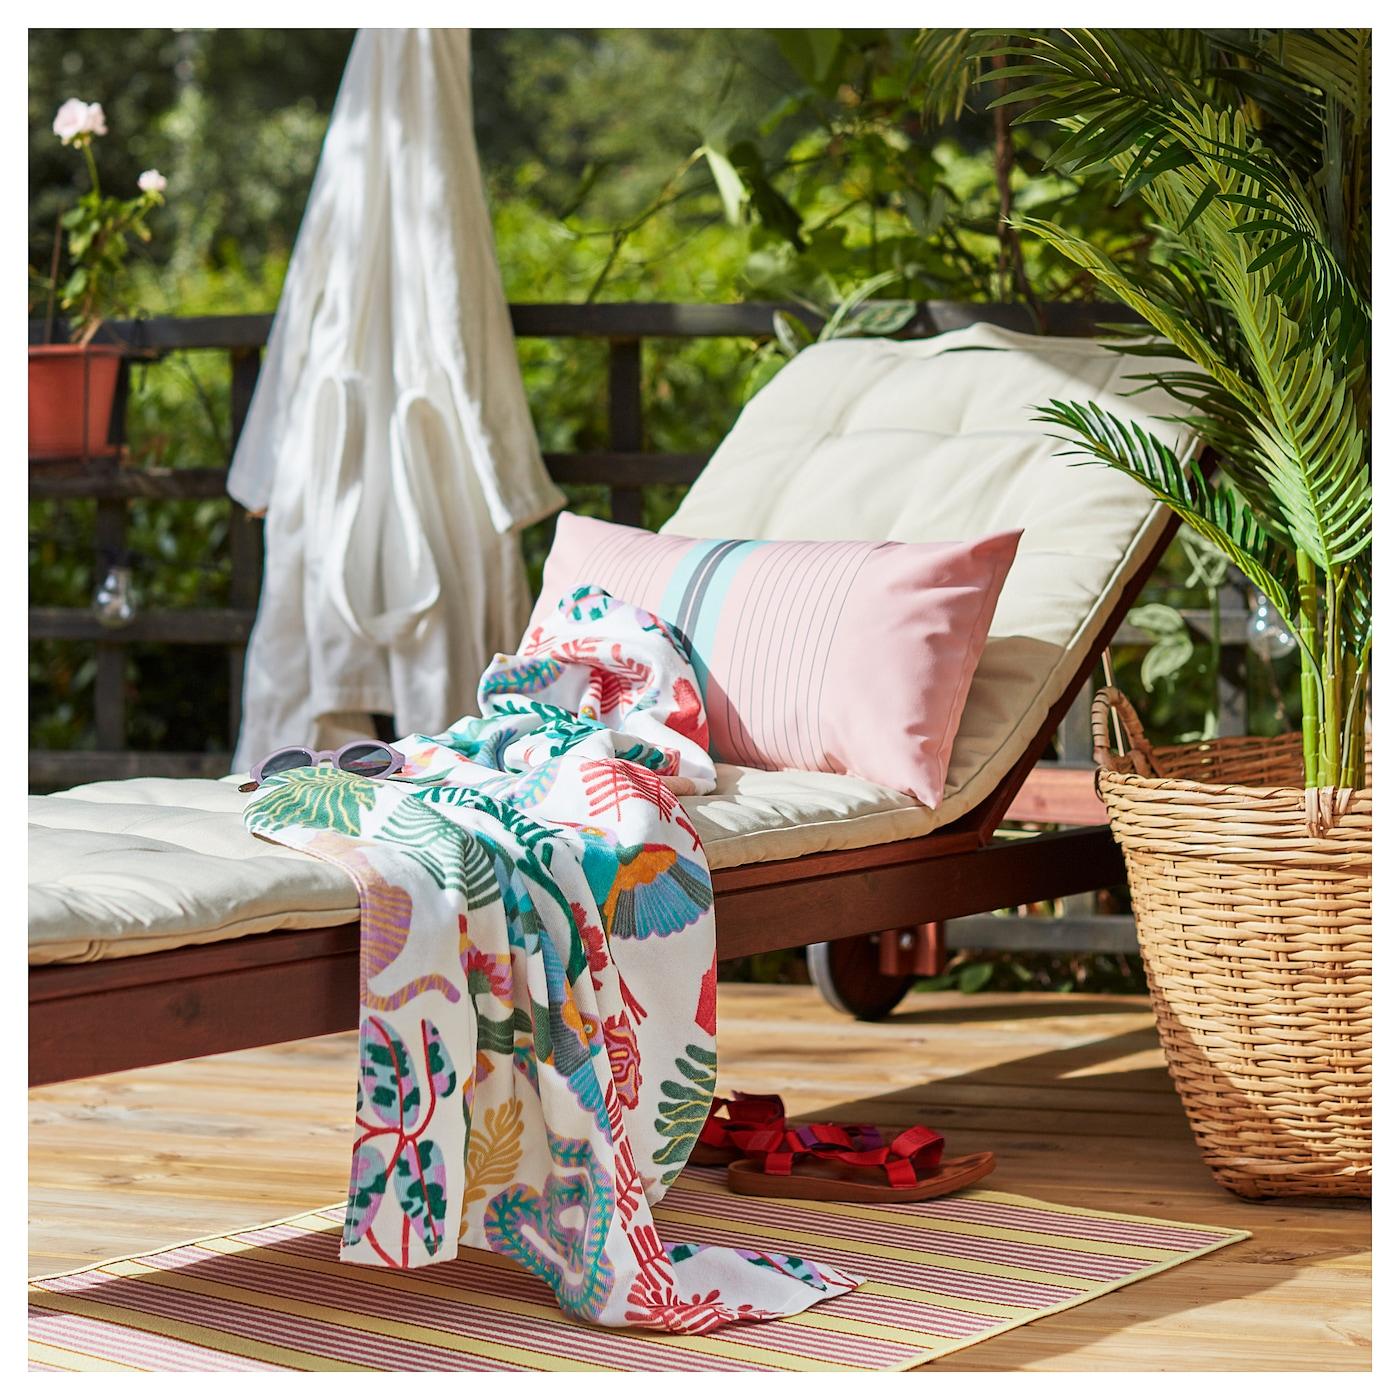 Full Size of Pplar Sonnenliege Braun Las Ikea Schweiz Modulküche Küche Kosten Kaufen Sofa Mit Schlaffunktion Betten Bei Miniküche Garten Liegestuhl 160x200 Wohnzimmer Ikea Liegestuhl